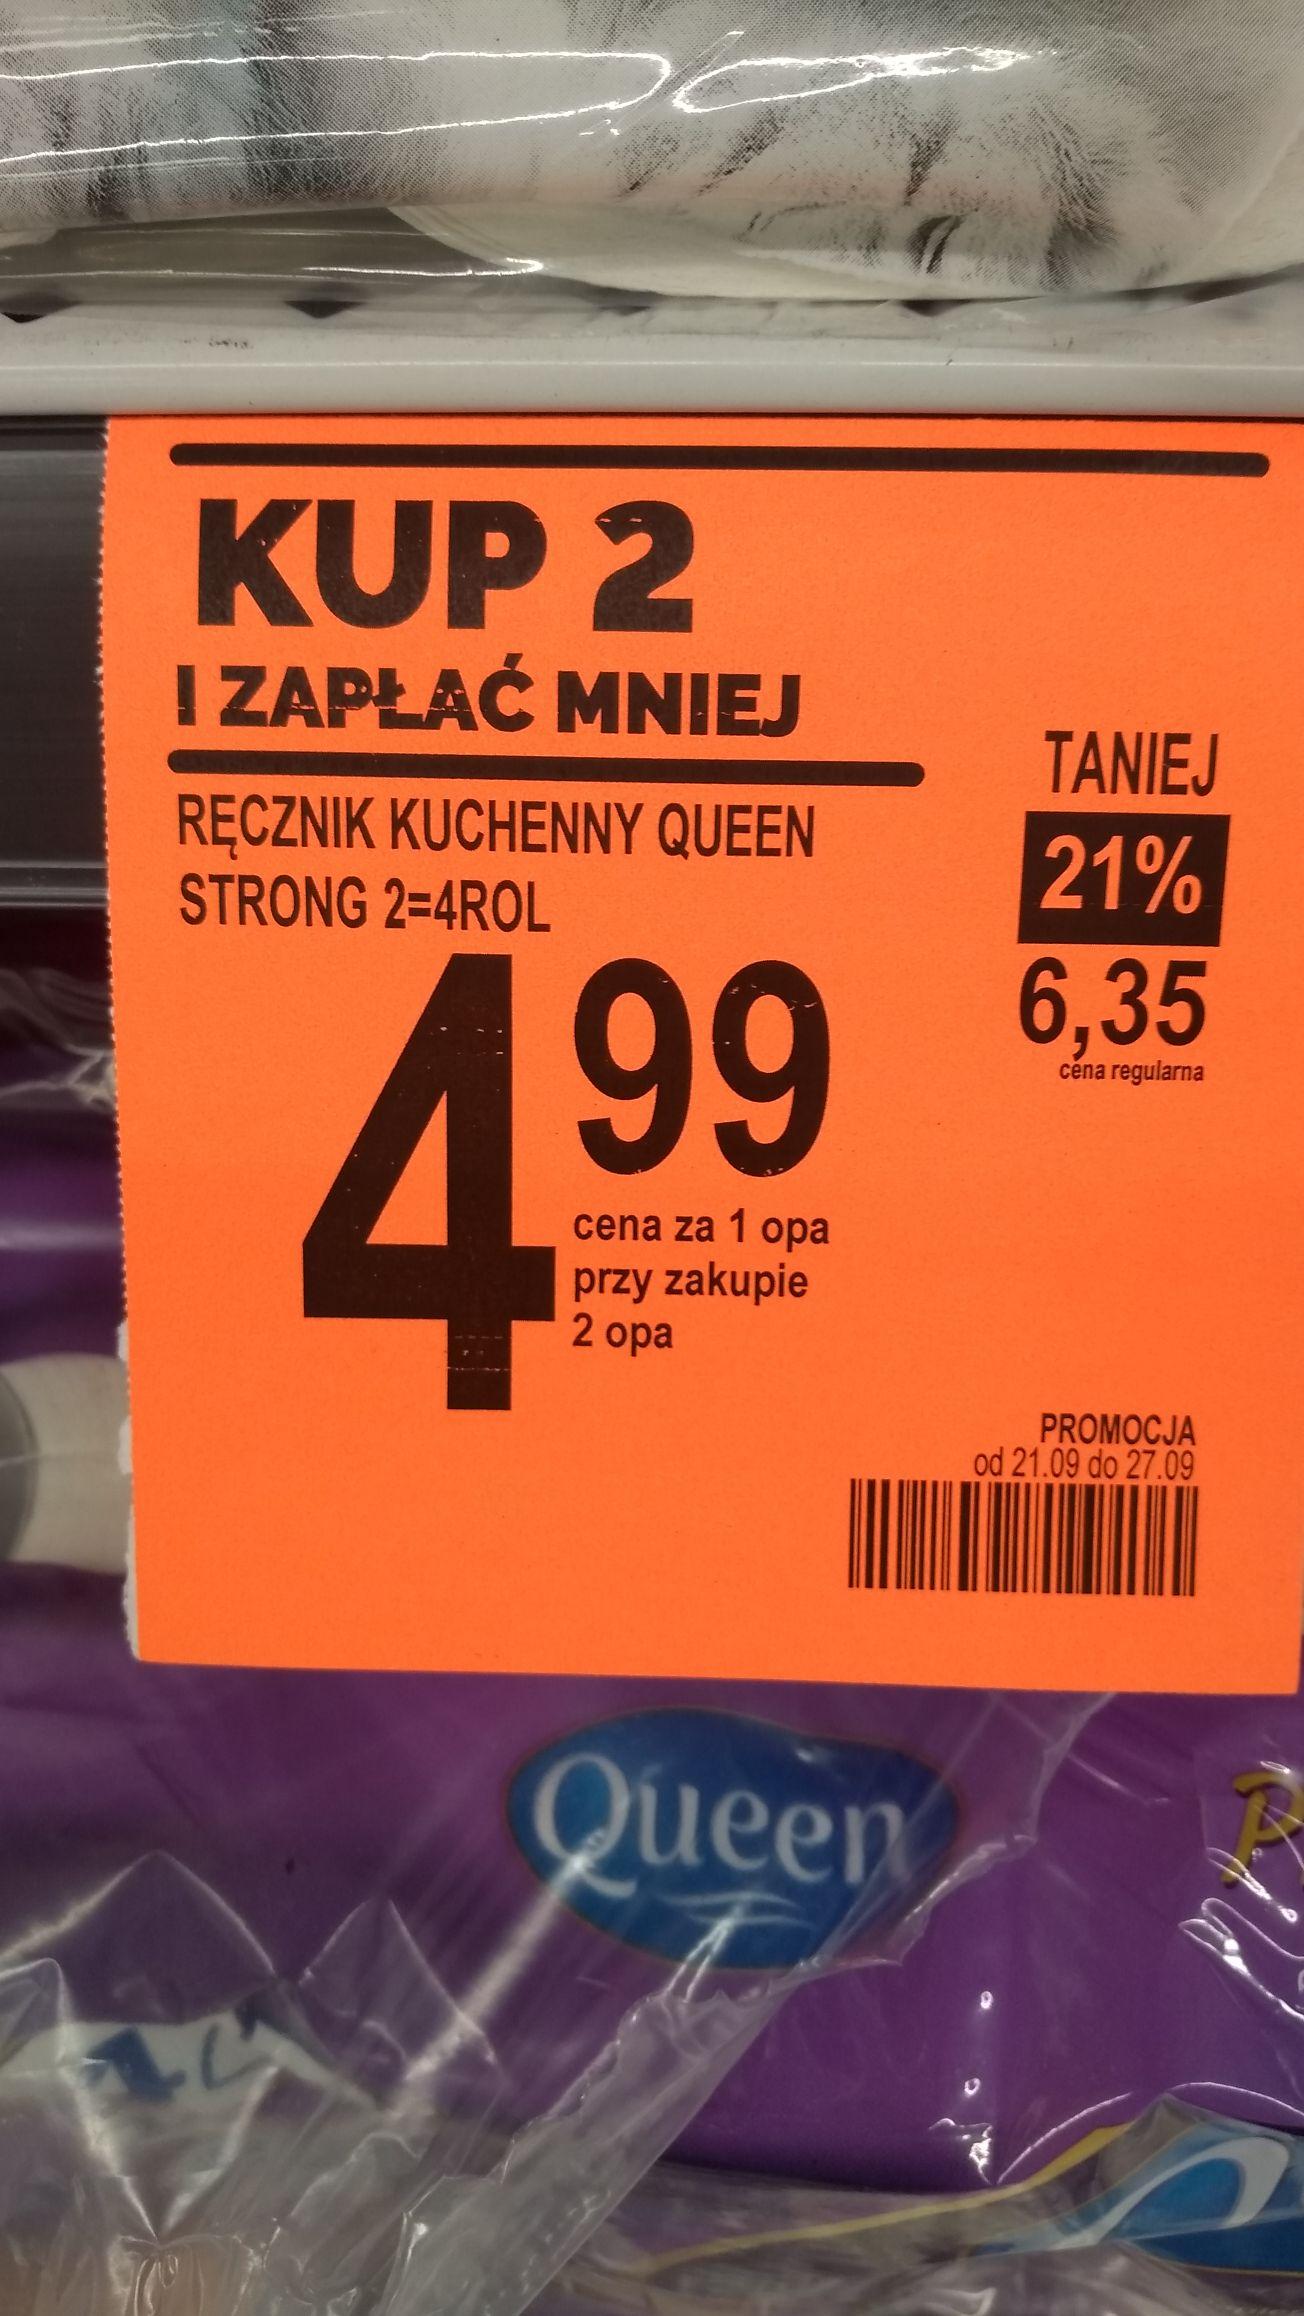 Ręcznik kuchenny Queen Strong 2=4ROL, cena przy zakupie dwóch w Biedronka